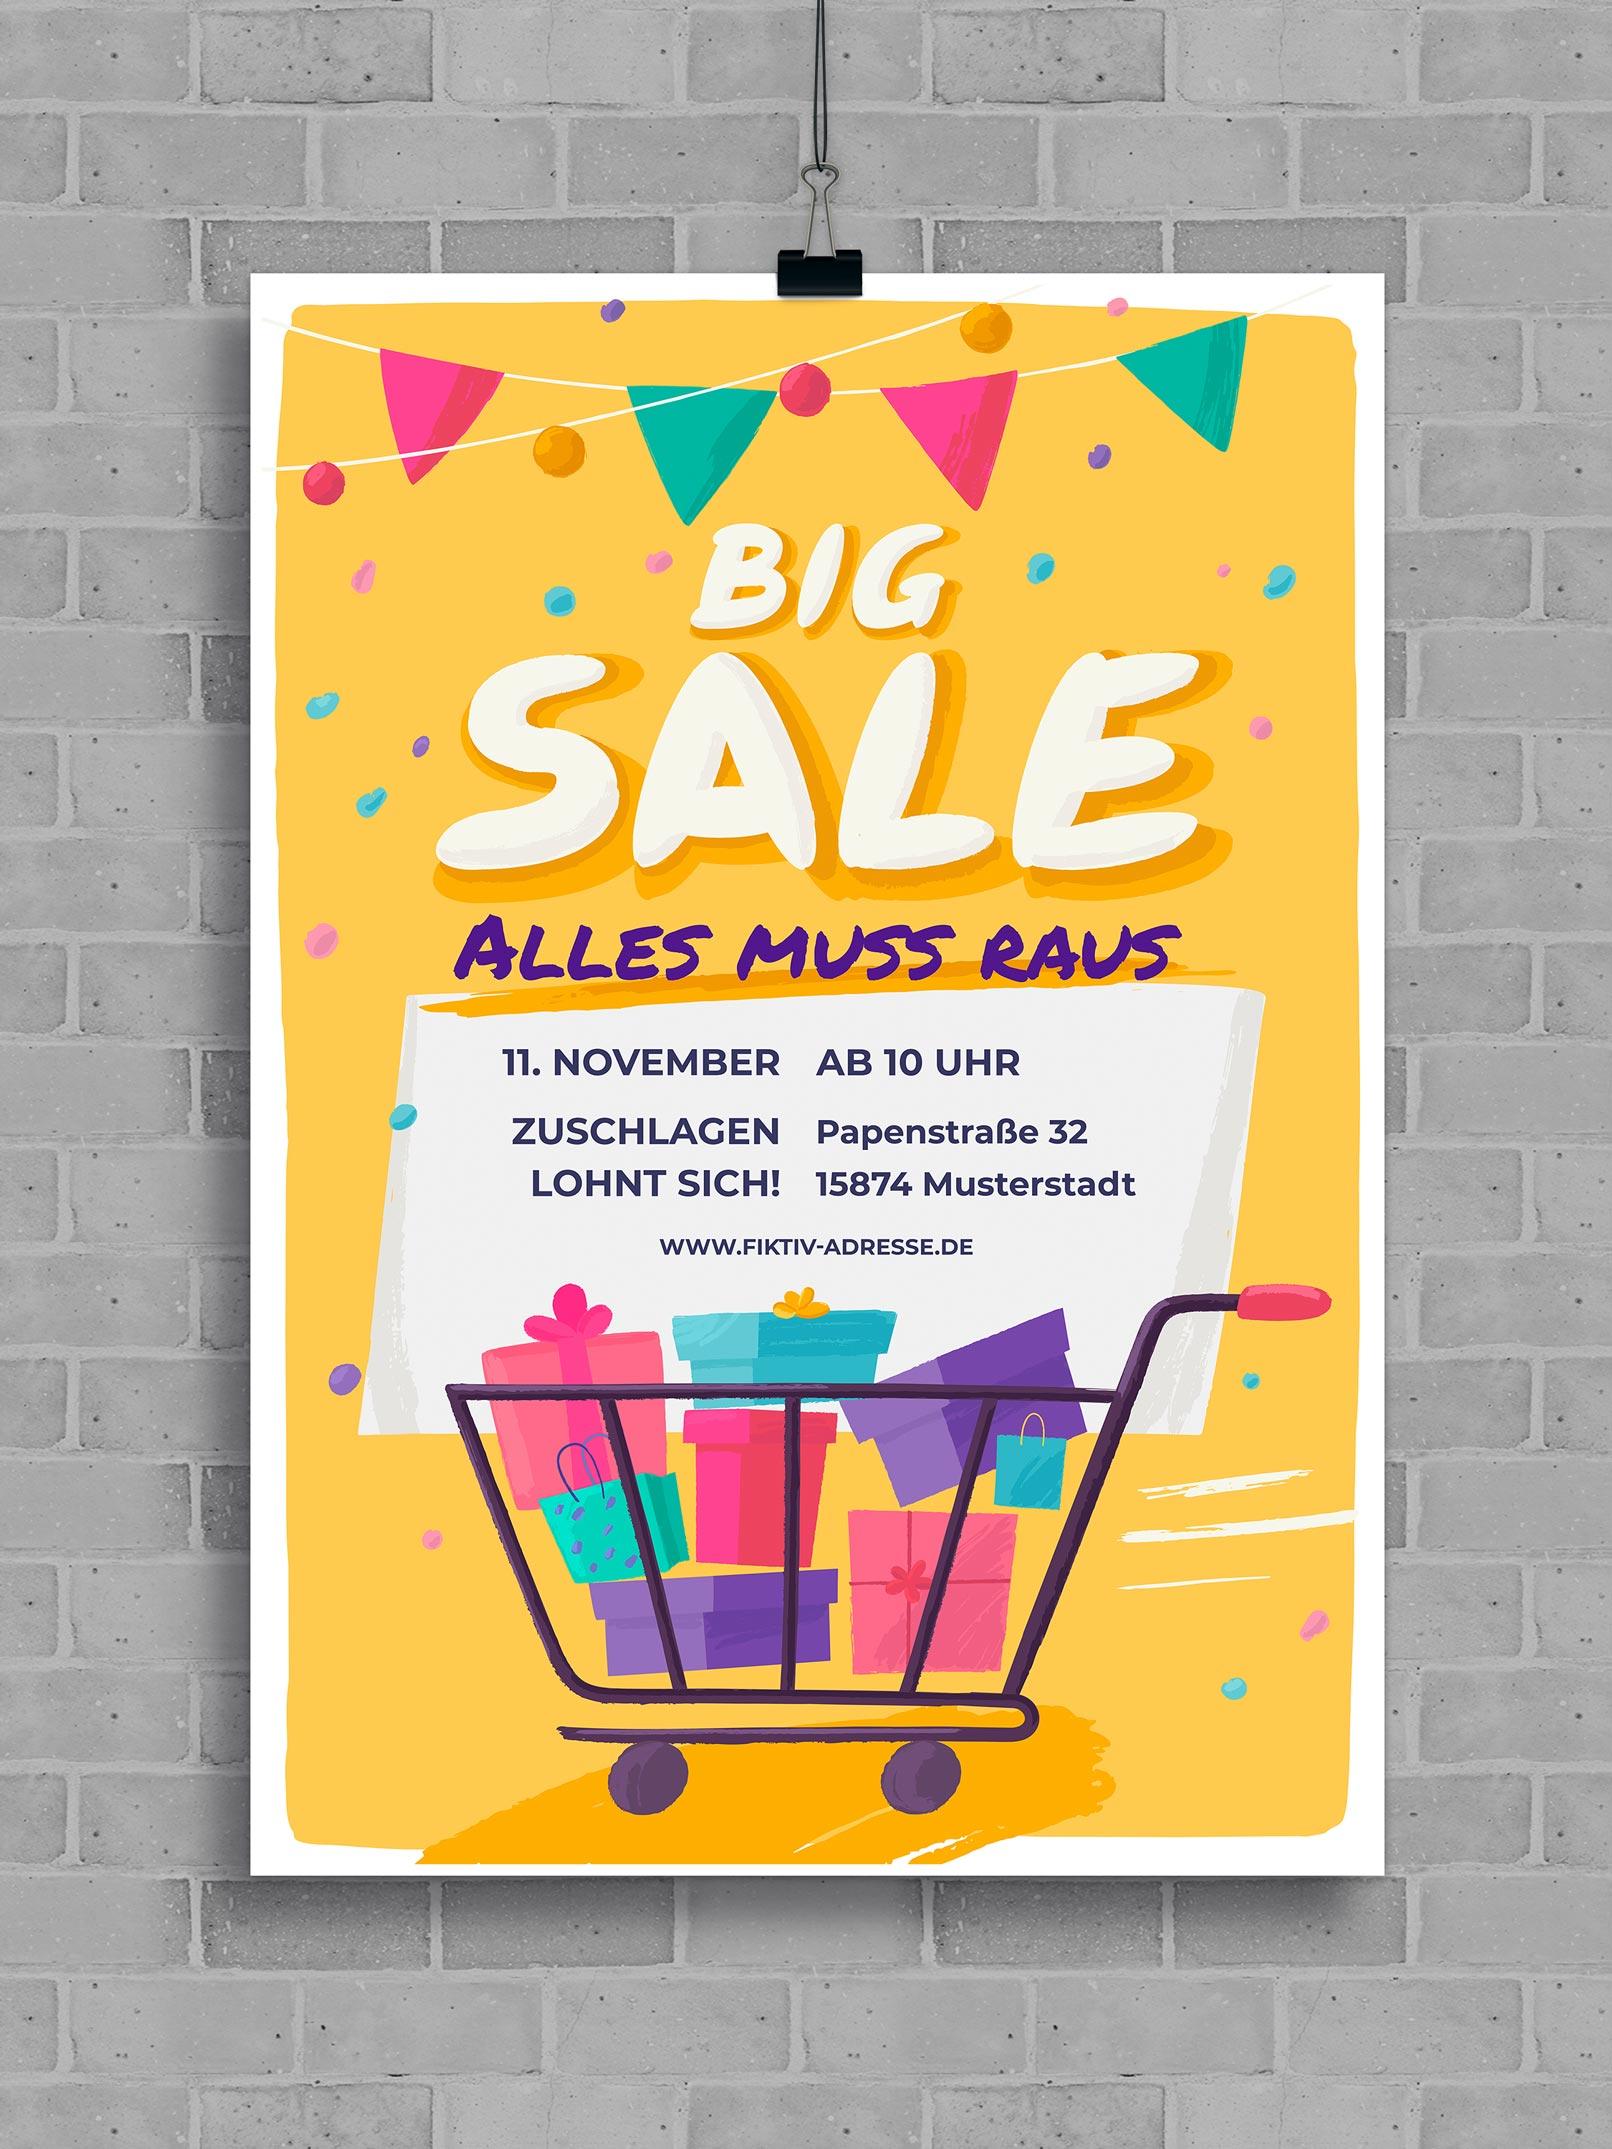 Vorlage für ein Werbeplakat mit Einkaufswagen vor gelbem Hintergrund